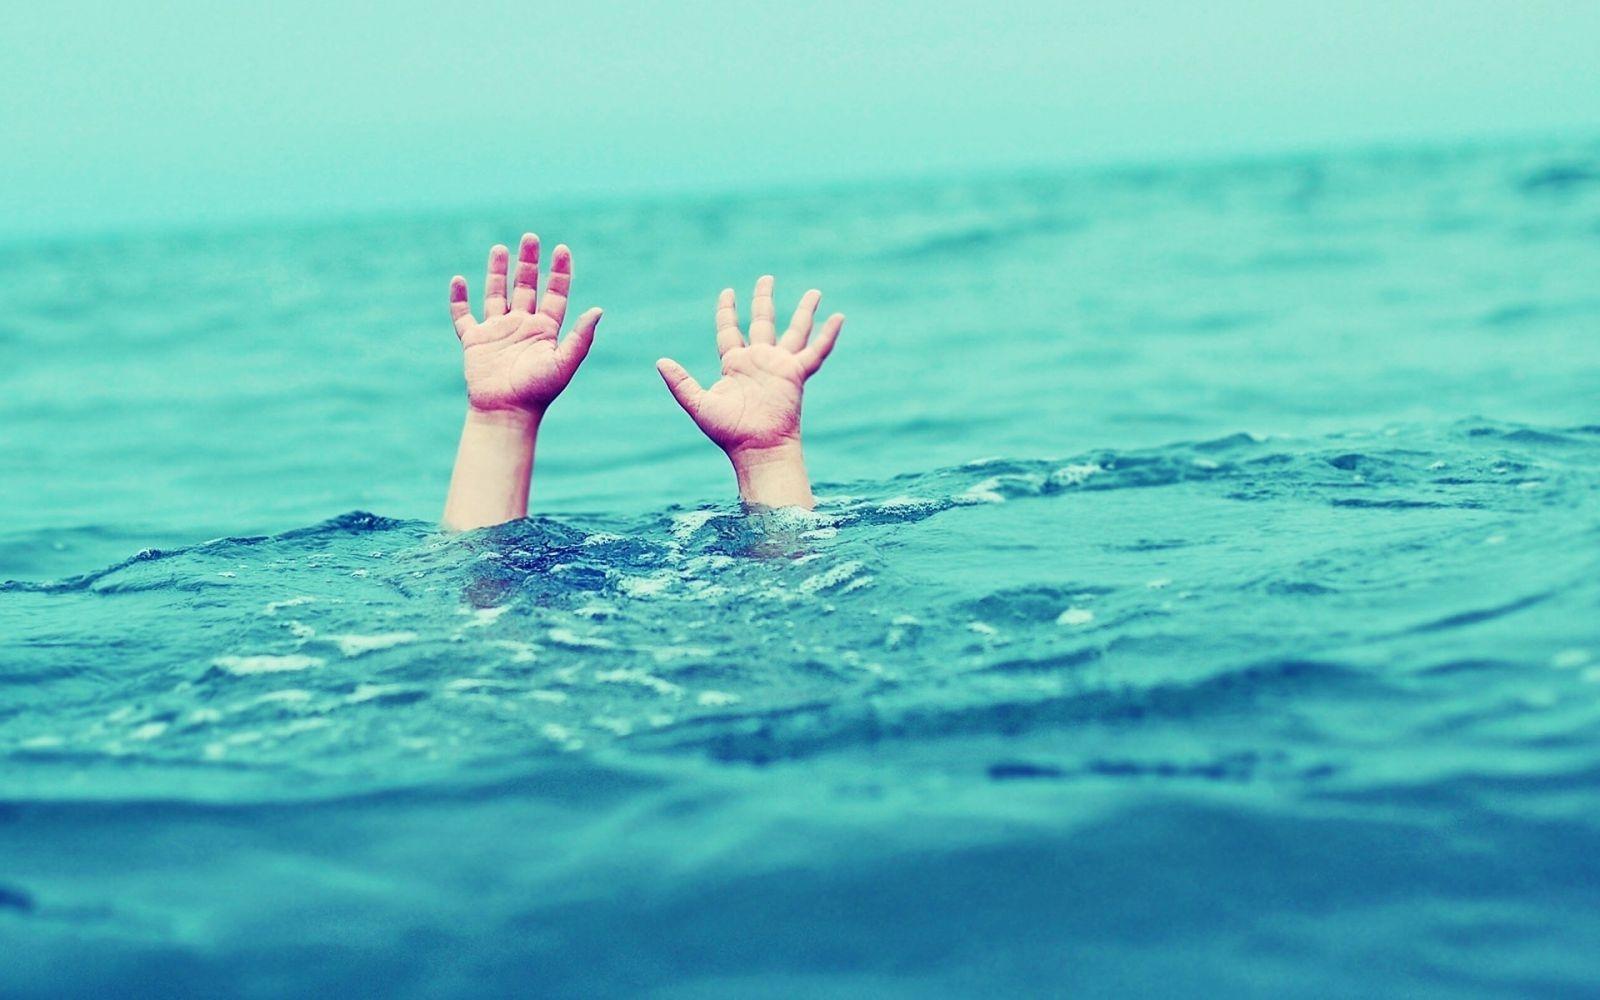 В Крыму в бассейне утонул маленький ребенок